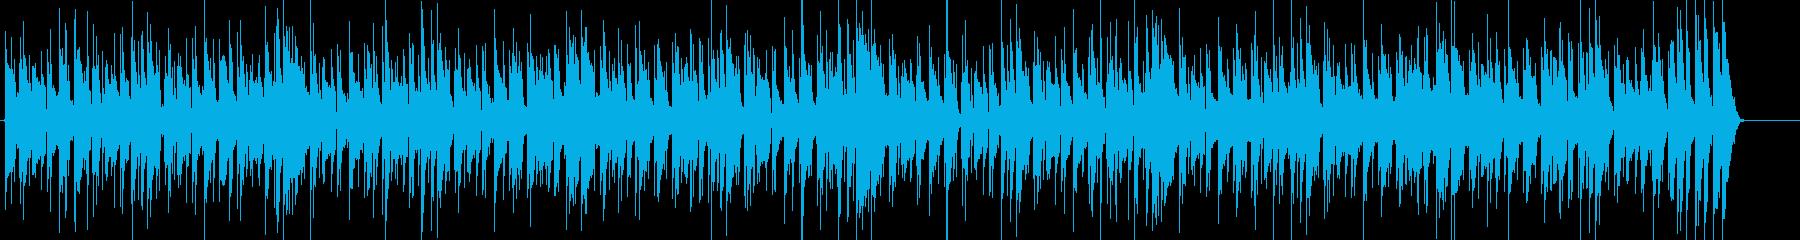 怪しくけだる気な雰囲気のファンクの再生済みの波形